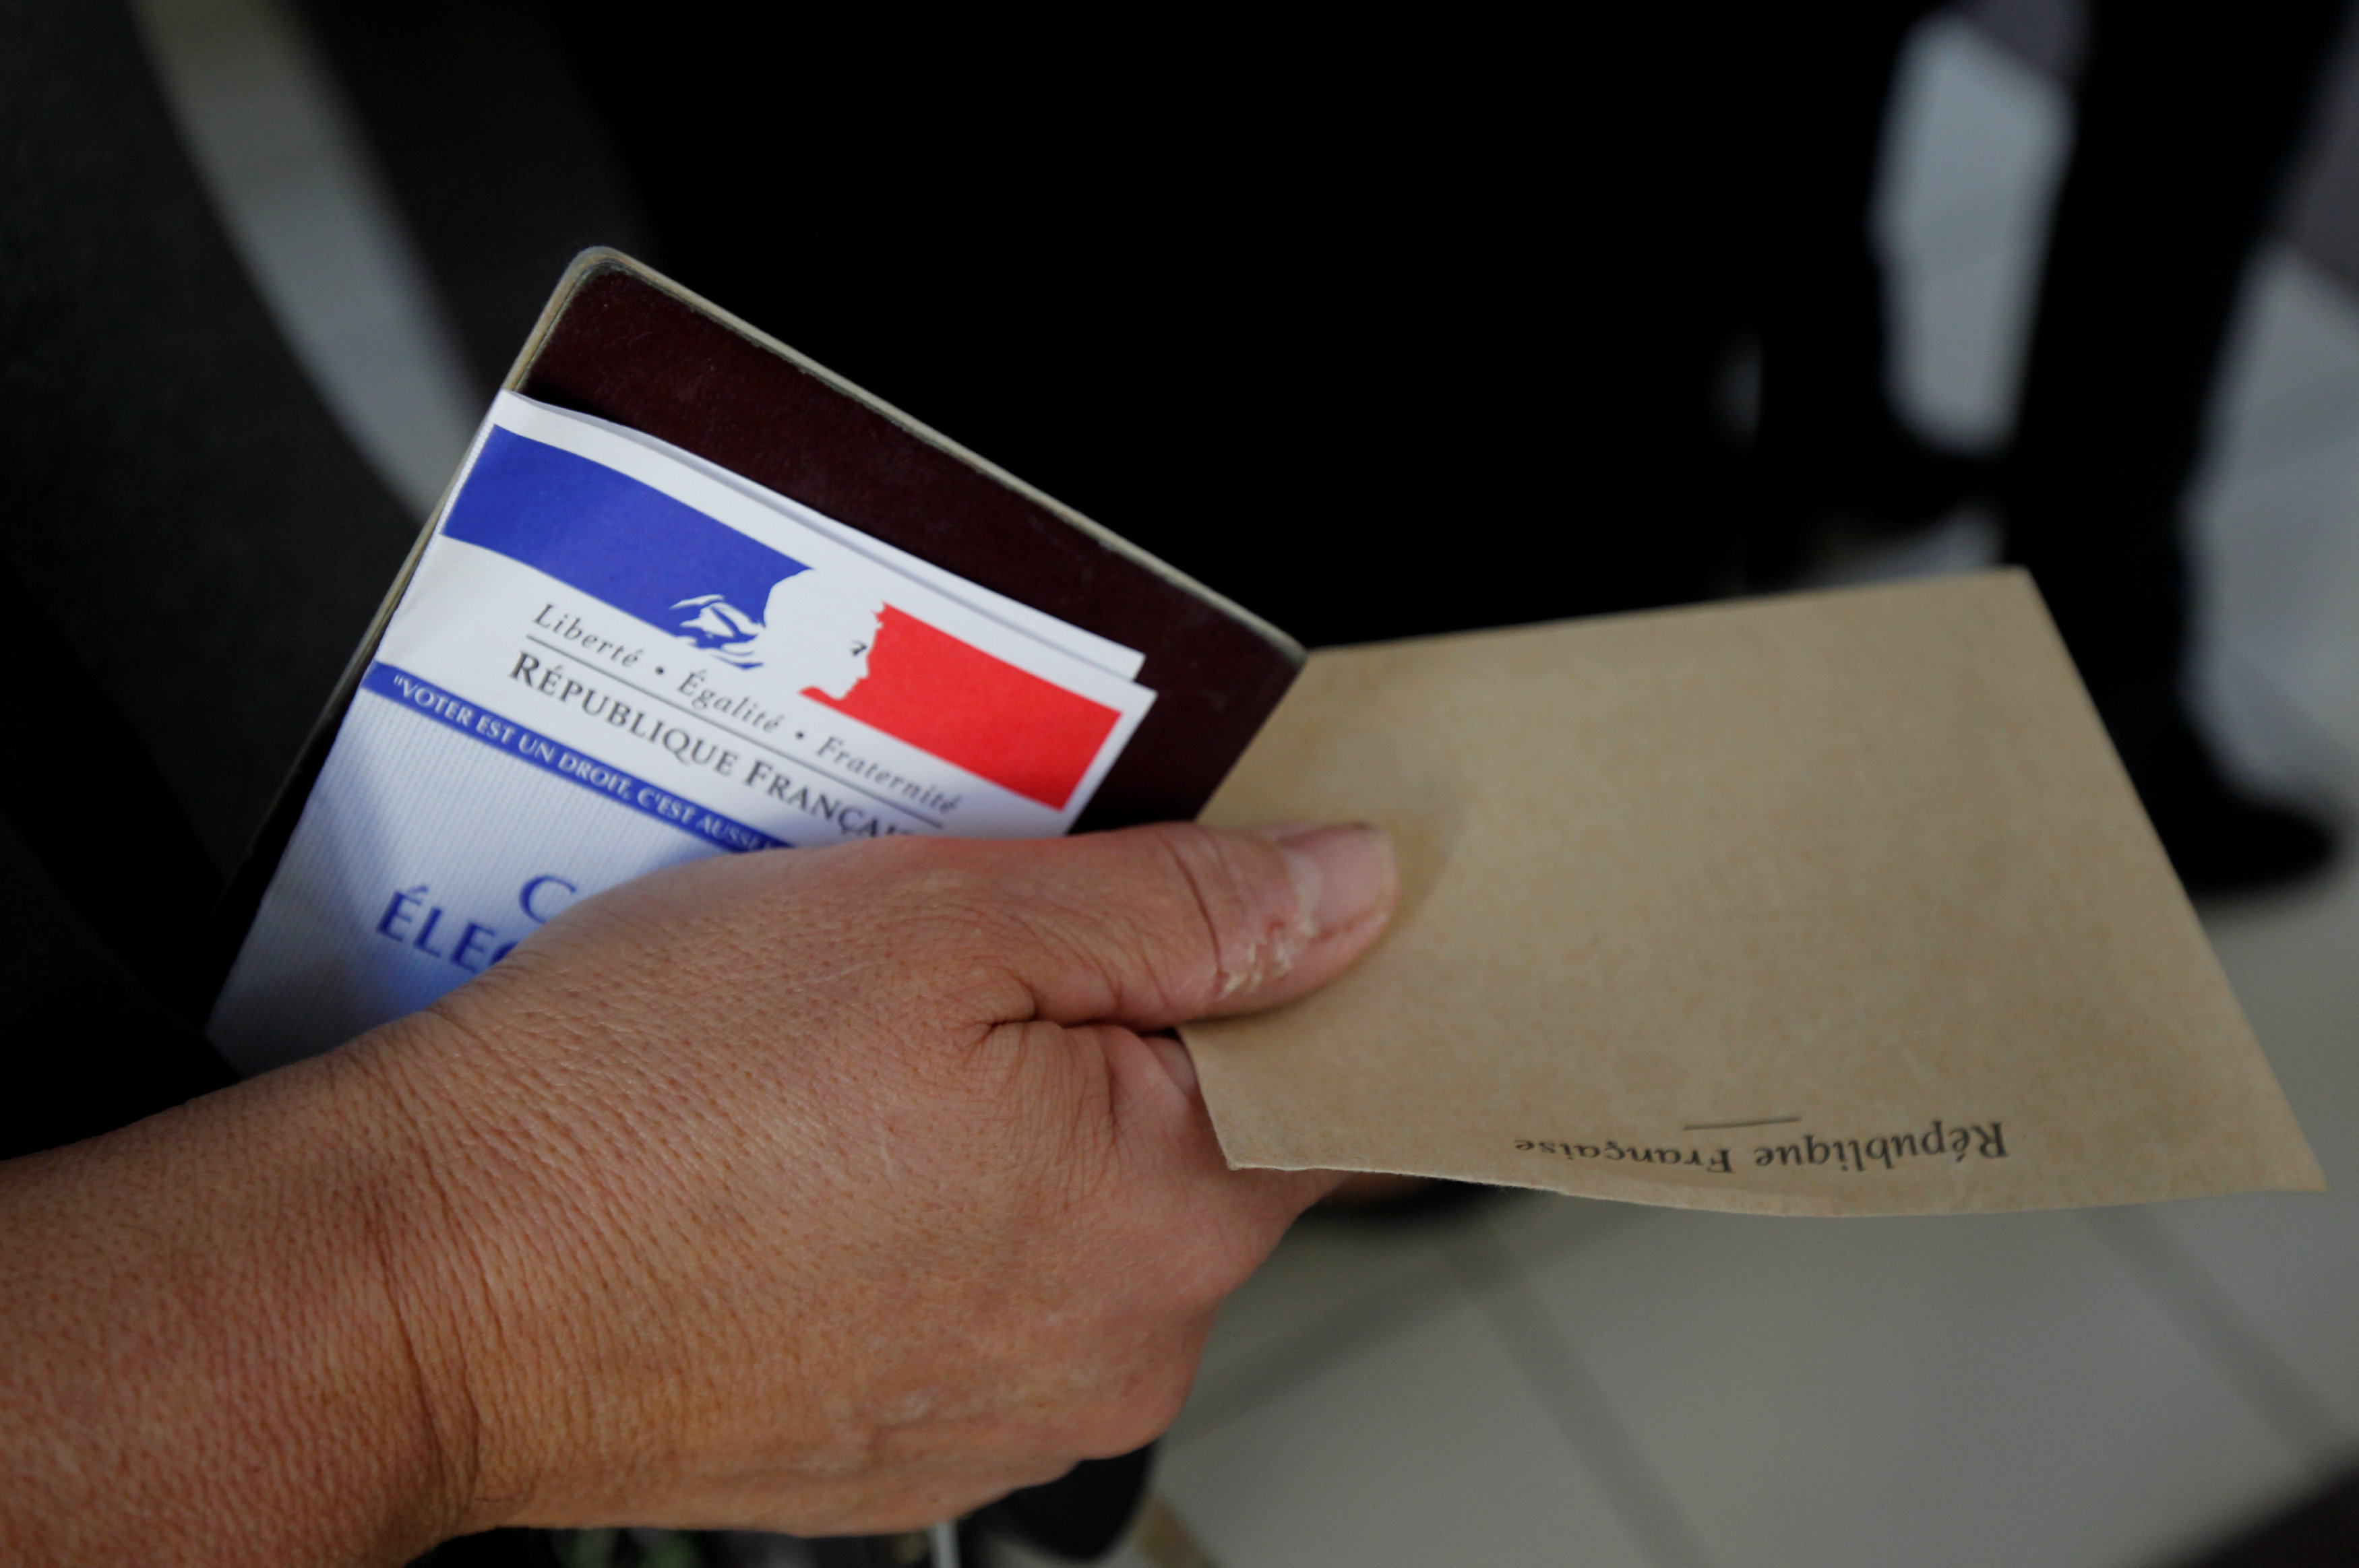 فرنسا تنتظر الرئيس الجديد.. ماكرون أم لوبان؟